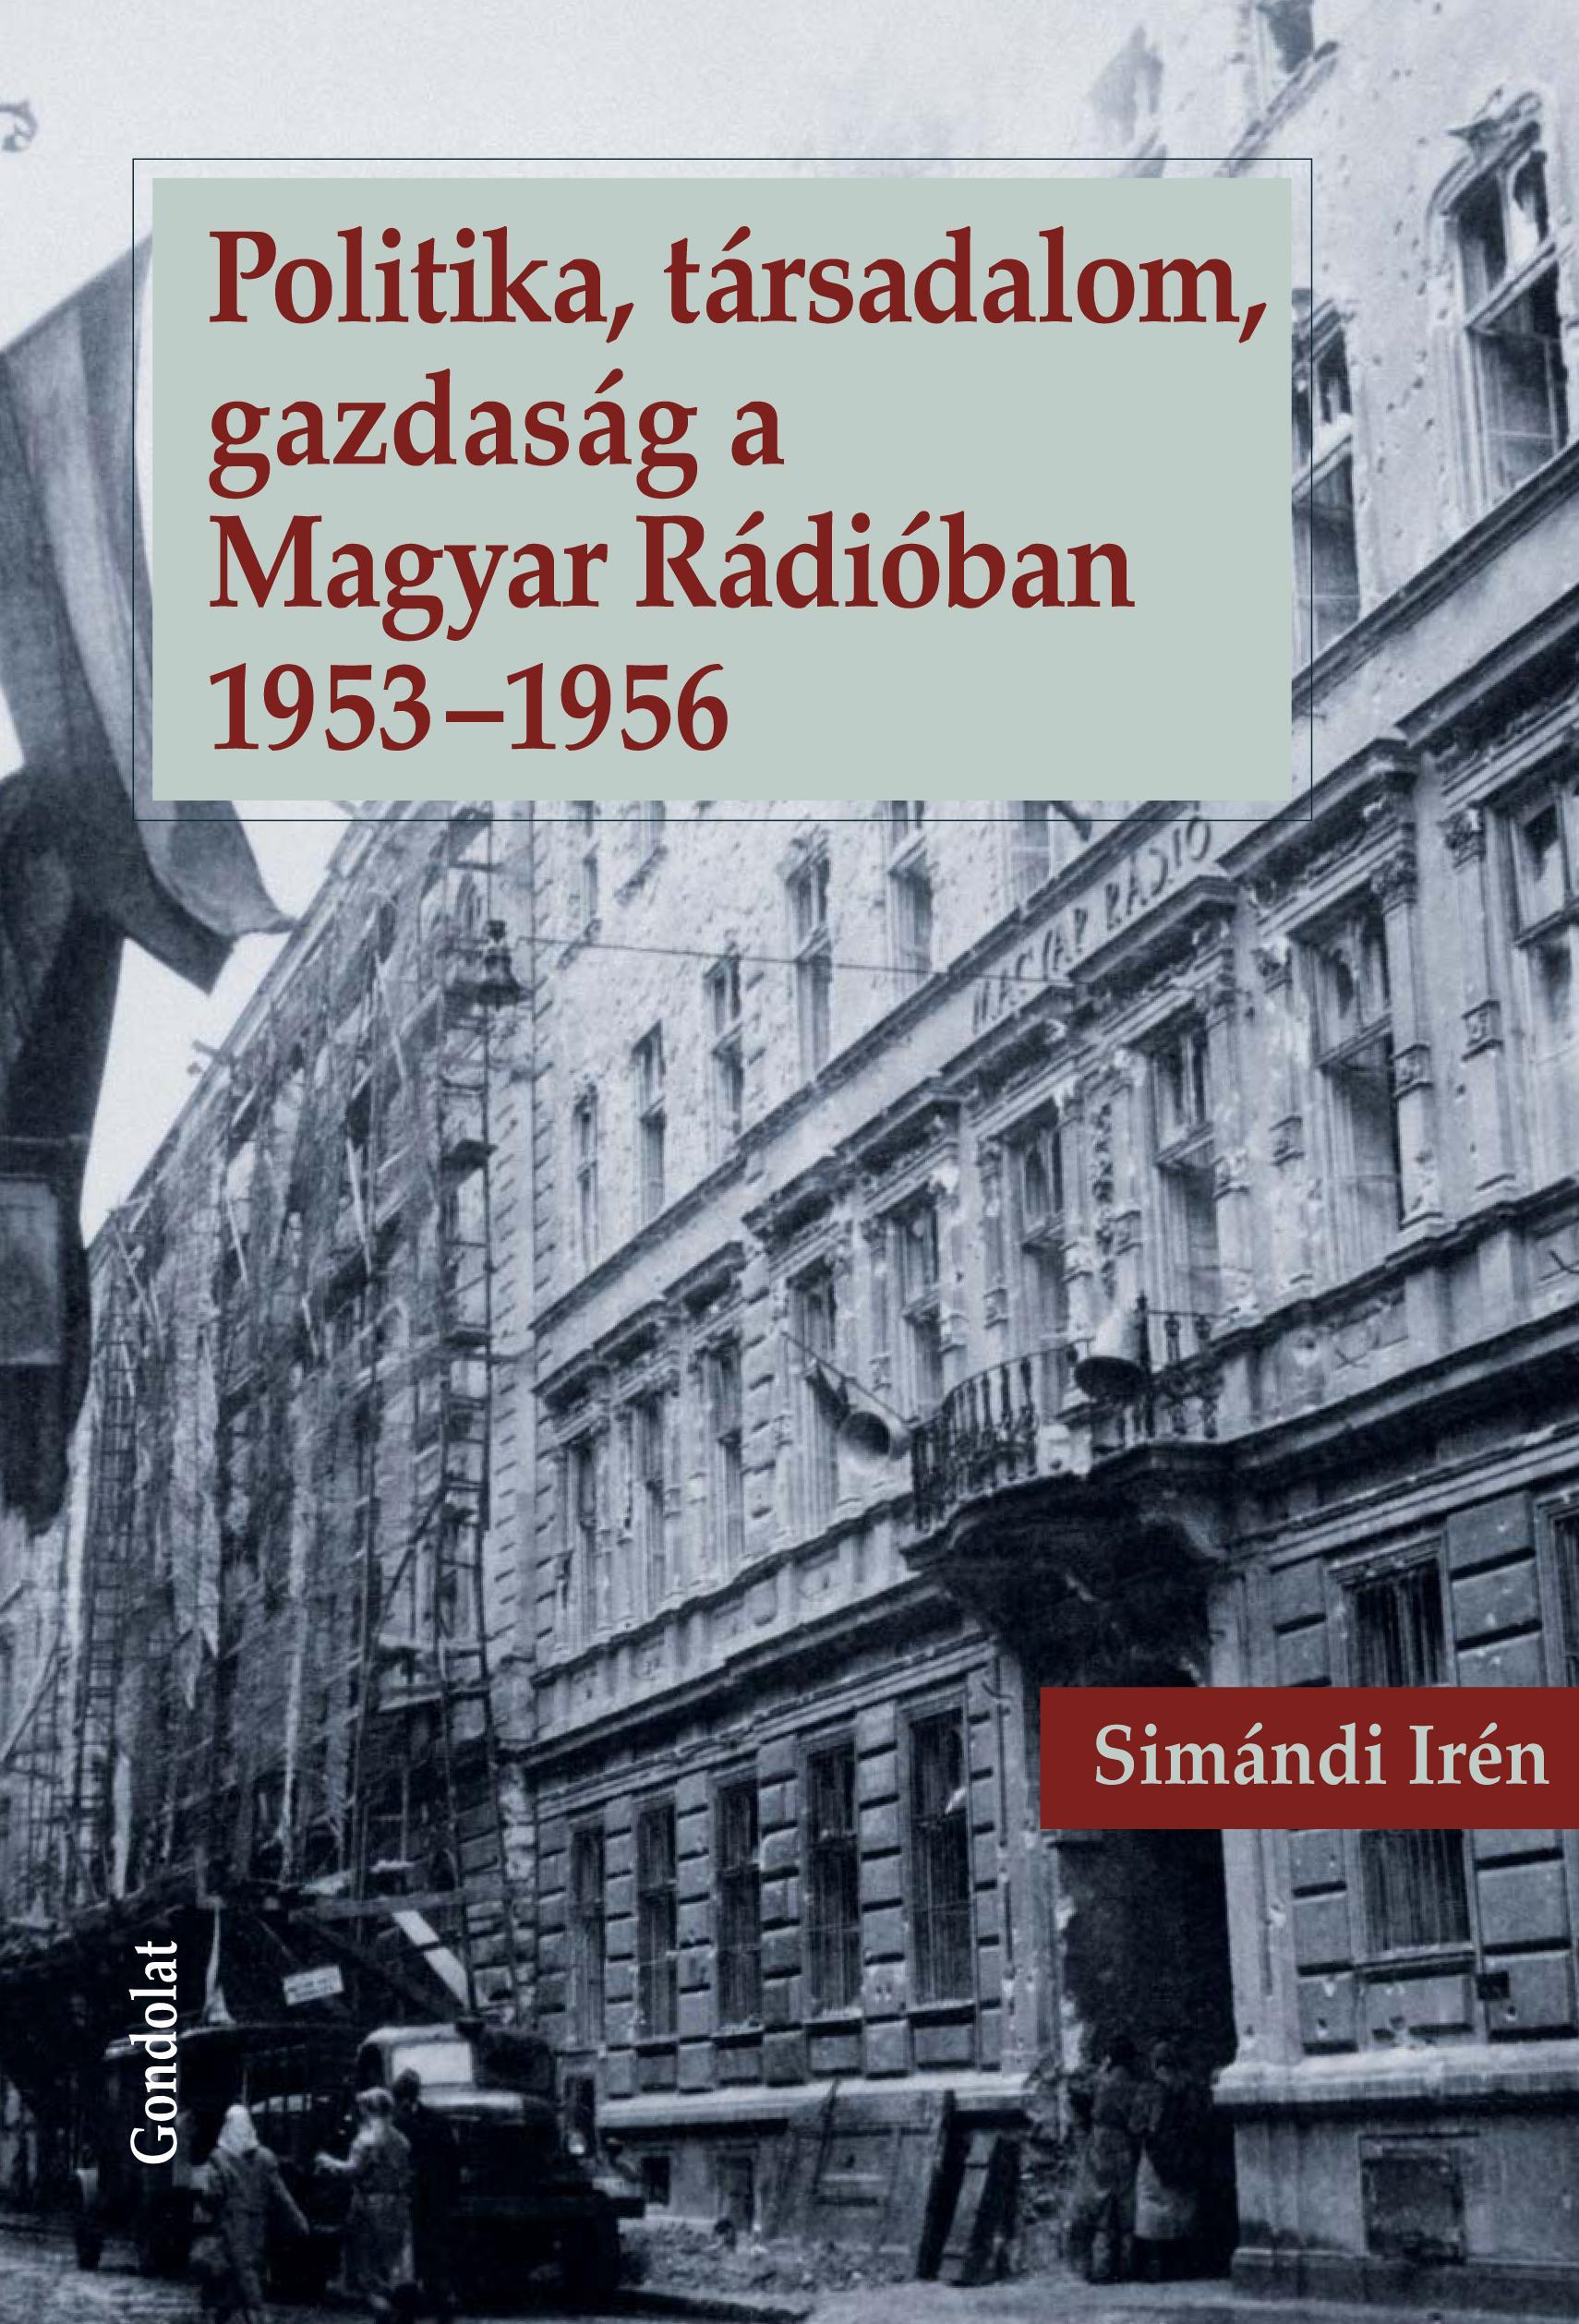 POLITIKA, TÁRSADALOM, GAZDASÁG A MAGYAR RÁDIÓBAN 1953-1956